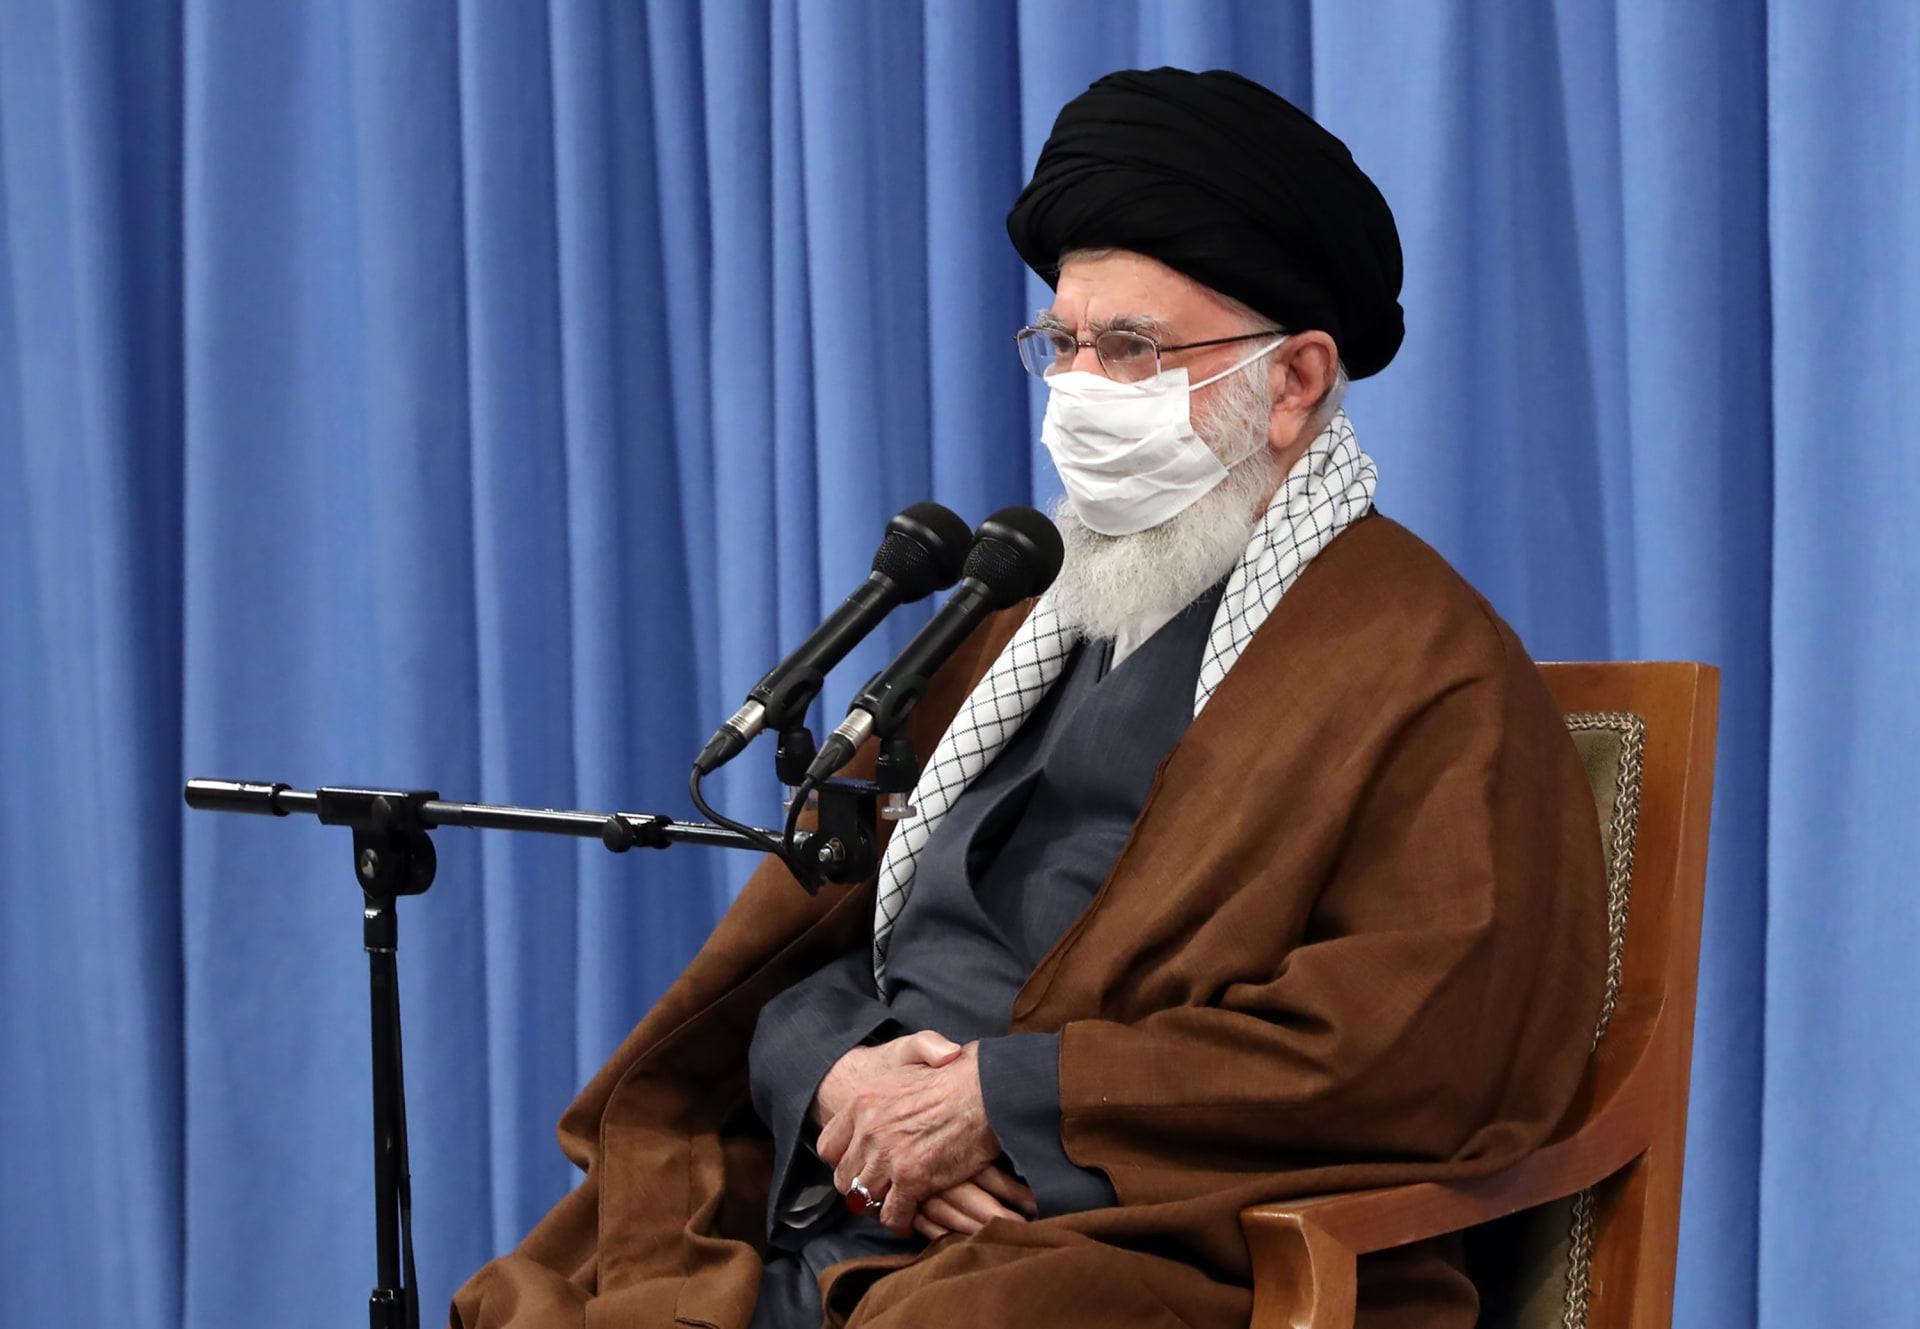 خامنئي: إيران ستعود إلى الالتزام بالاتفاق النووي إذا طُبقت الوعود الجميلة بشكل عملي